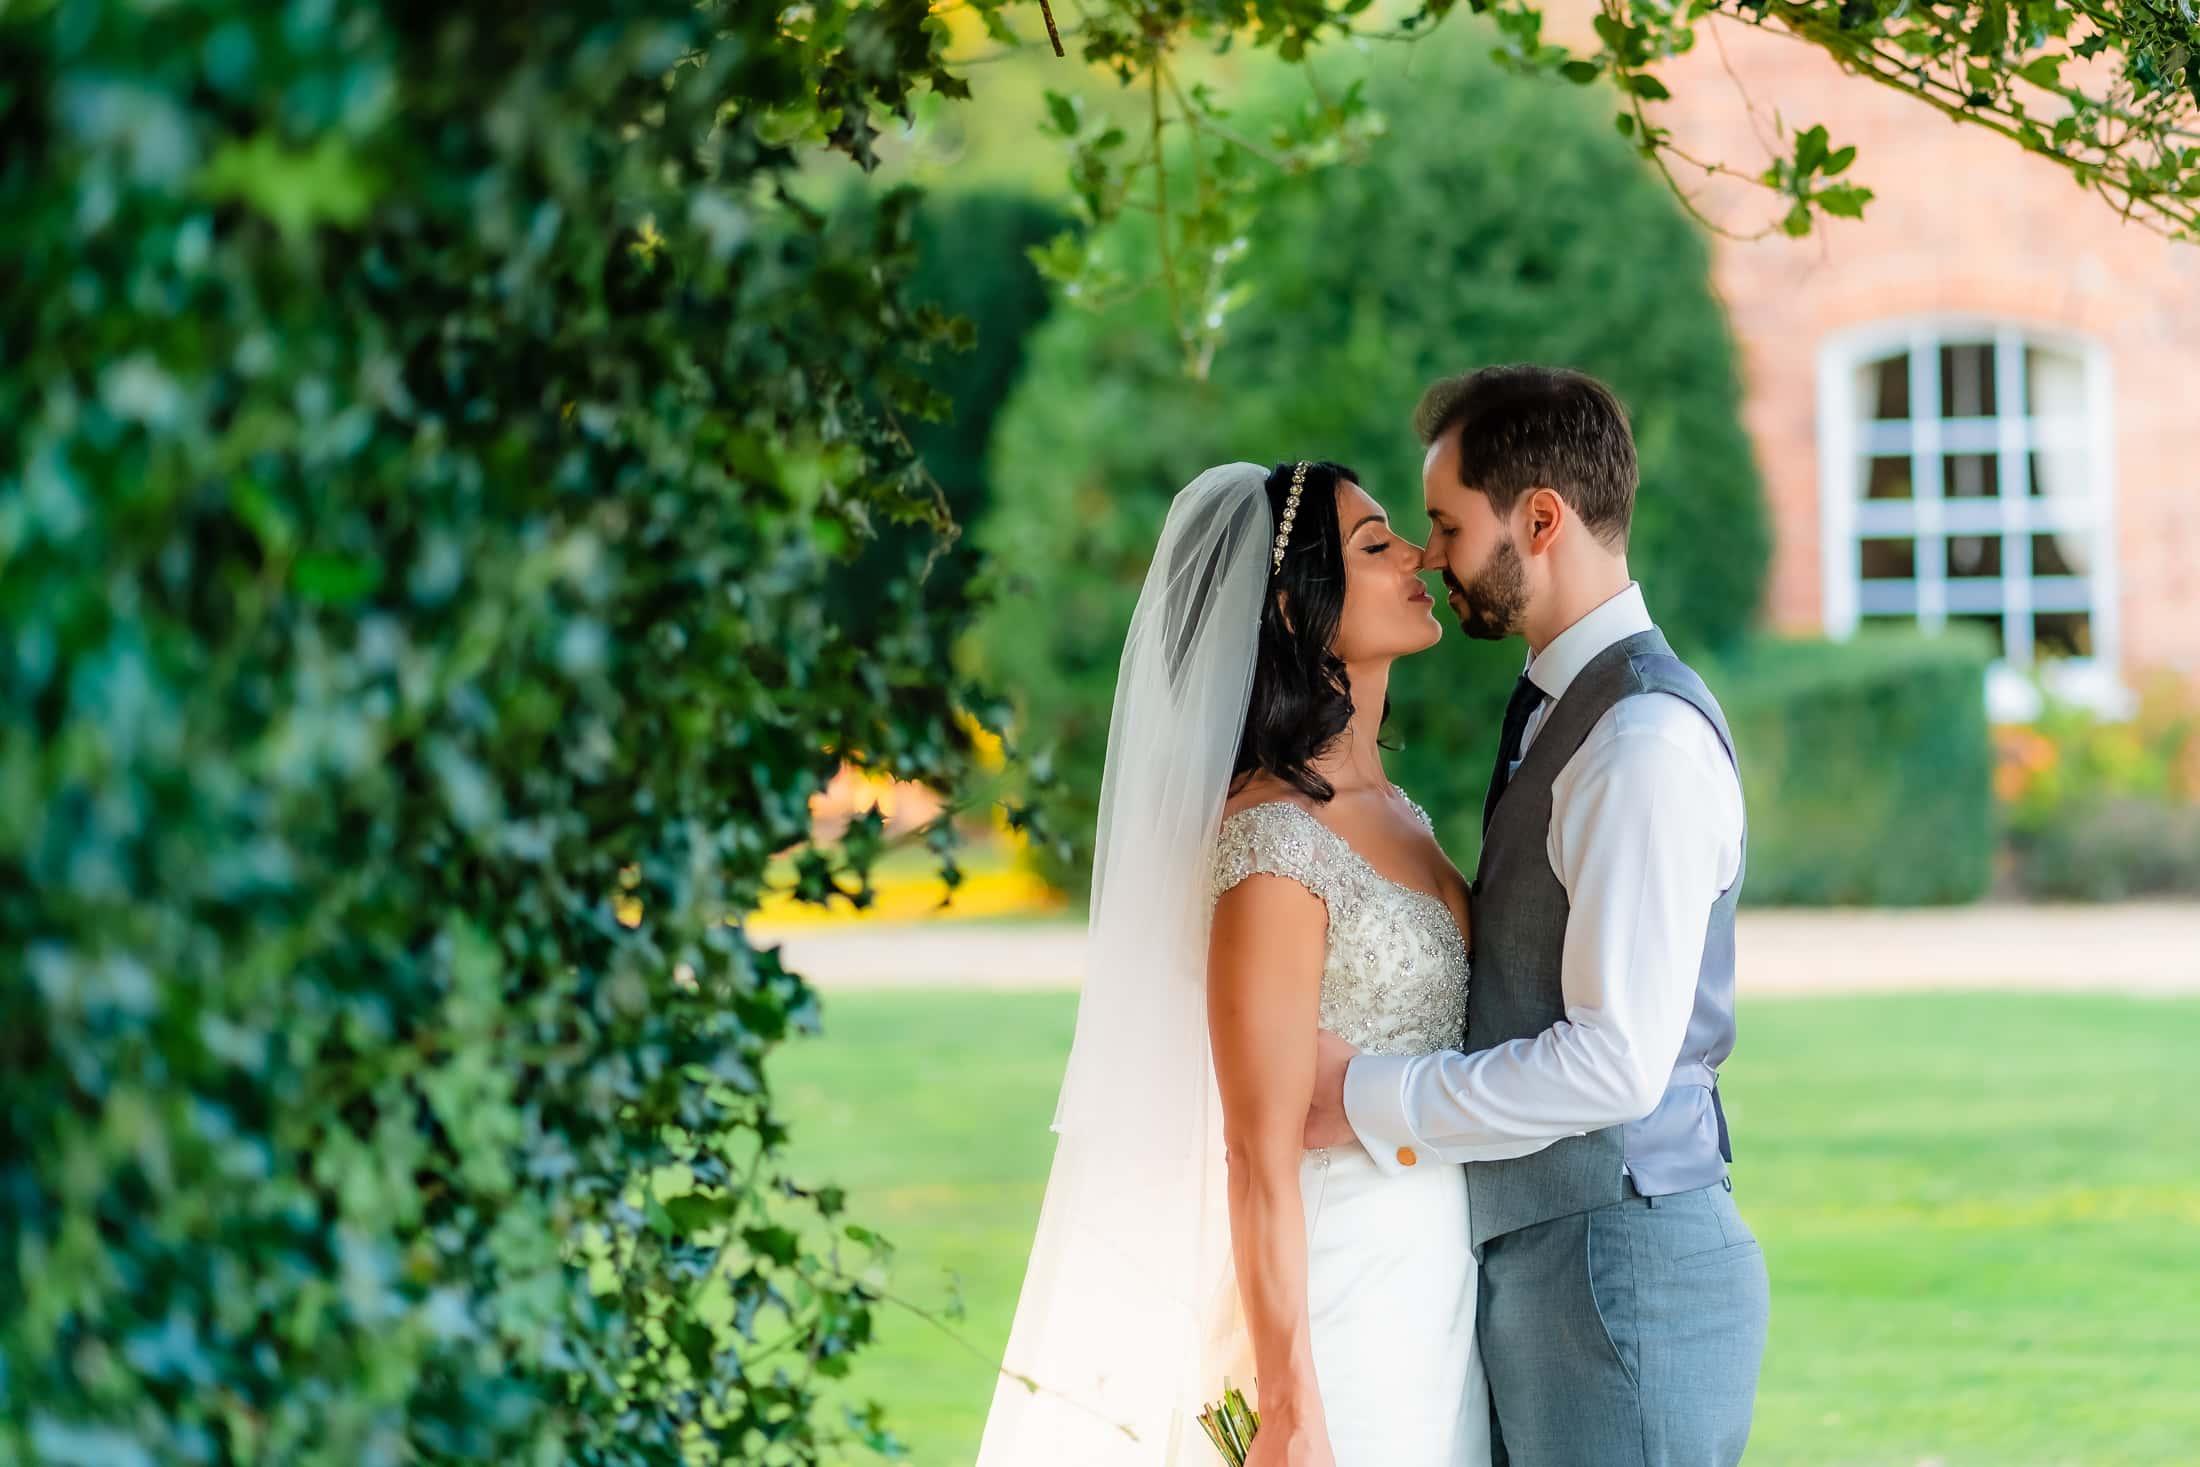 essex summer wedding at gosfield hall